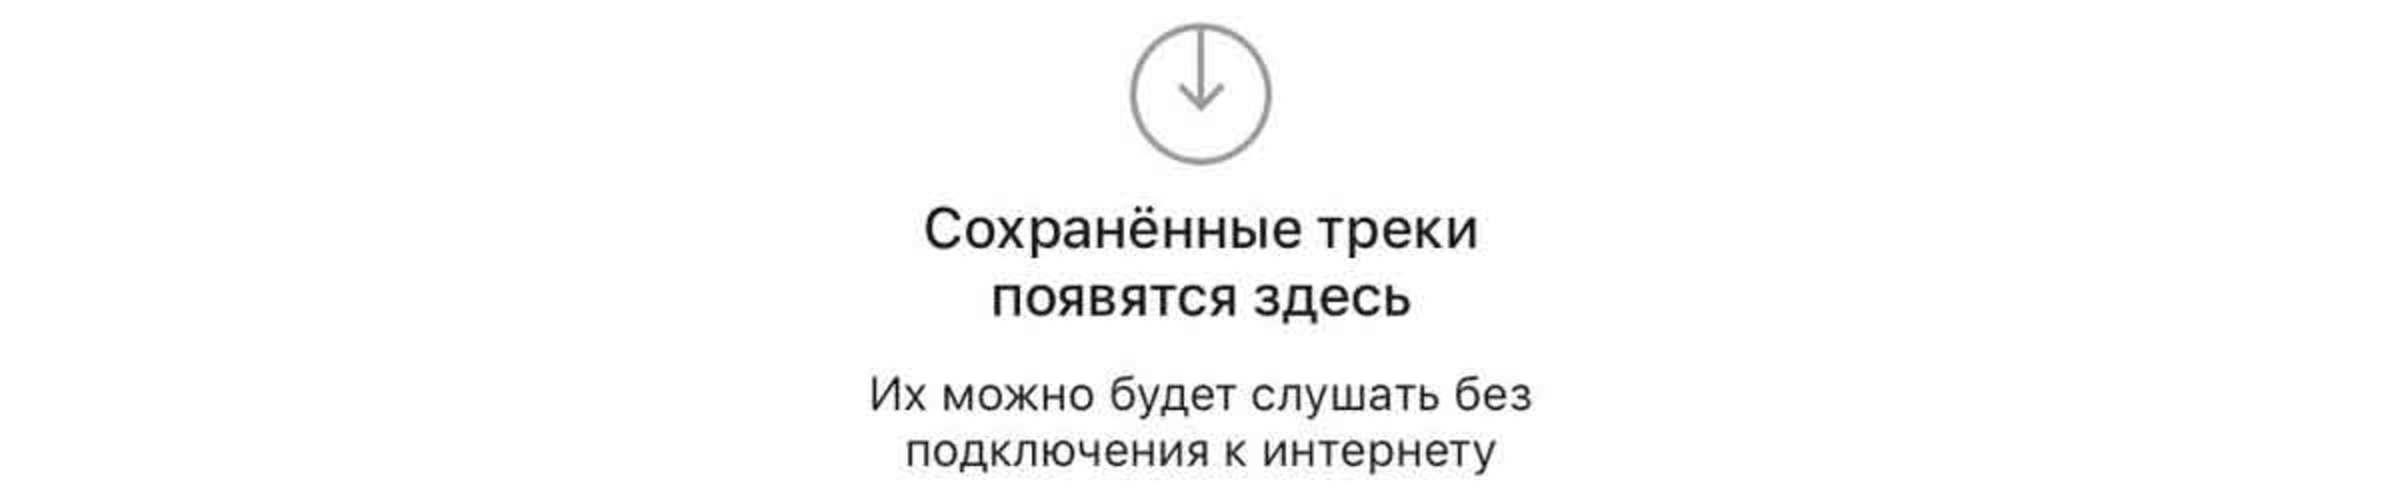 Как быстро и бесплатно скачать музыку Вконтакте на iPhone?